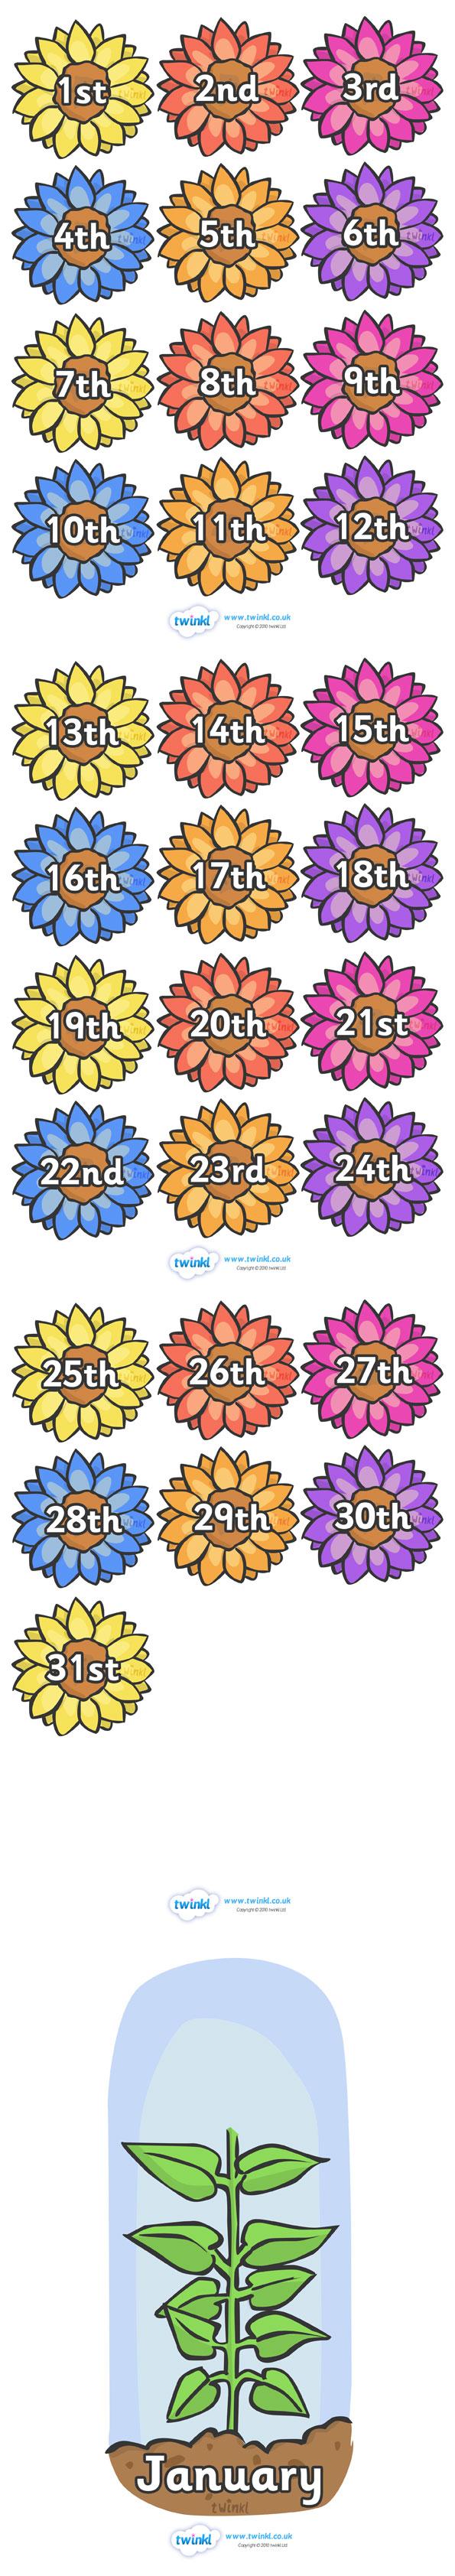 Calendar Ideas Twinkl : Twinkl resources gt flower calendar classroom